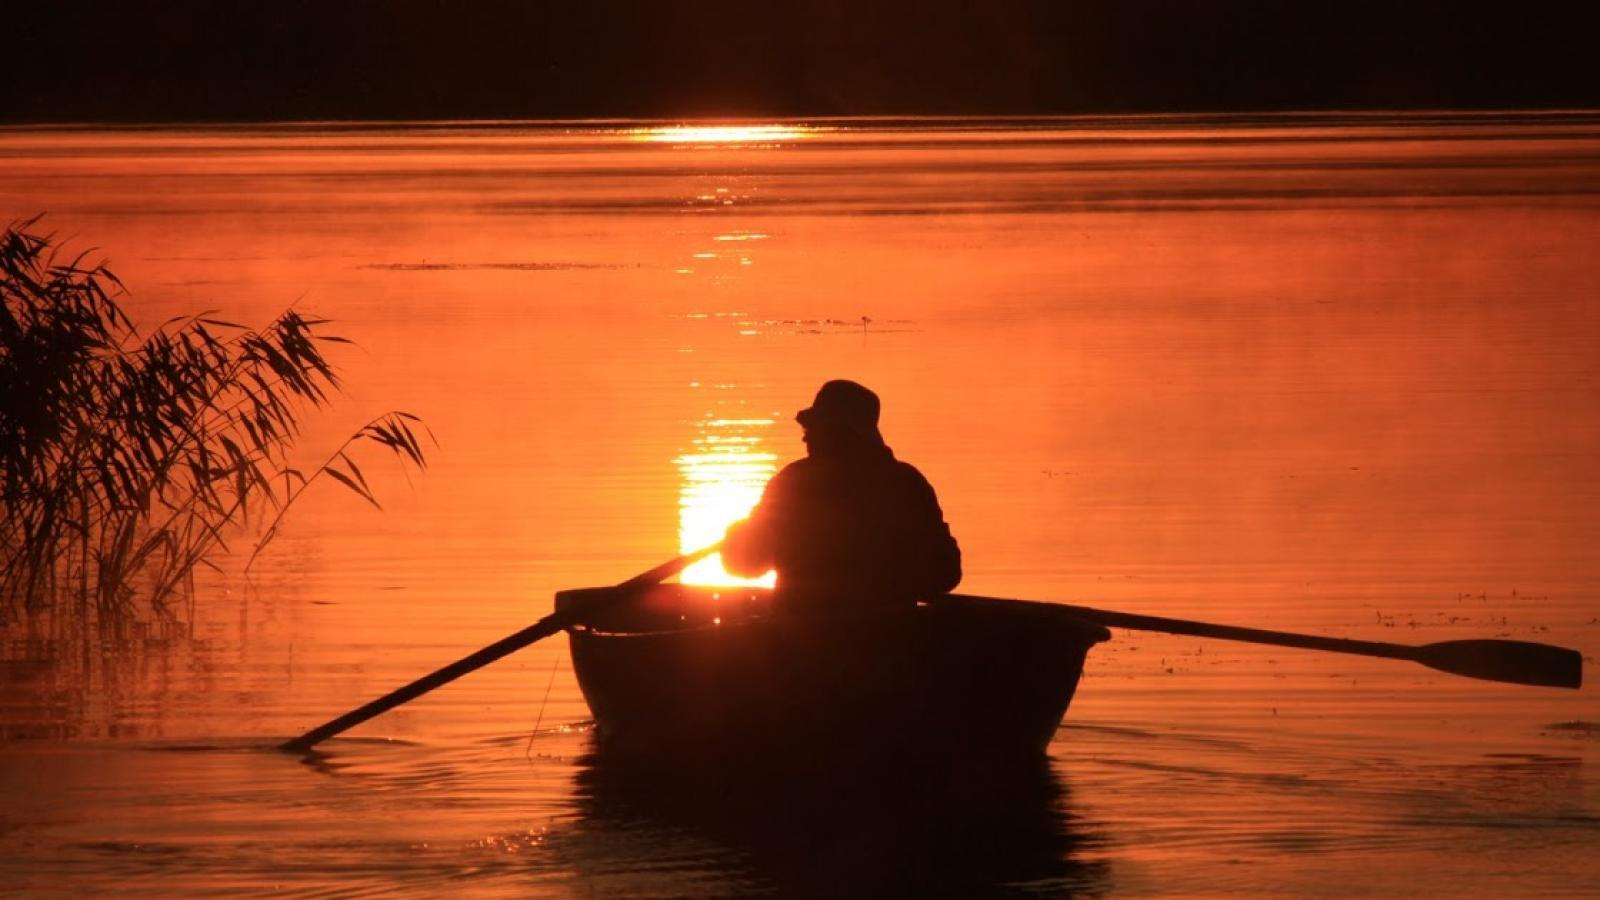 Пьяный мужчина уплыл на лодке и пропал